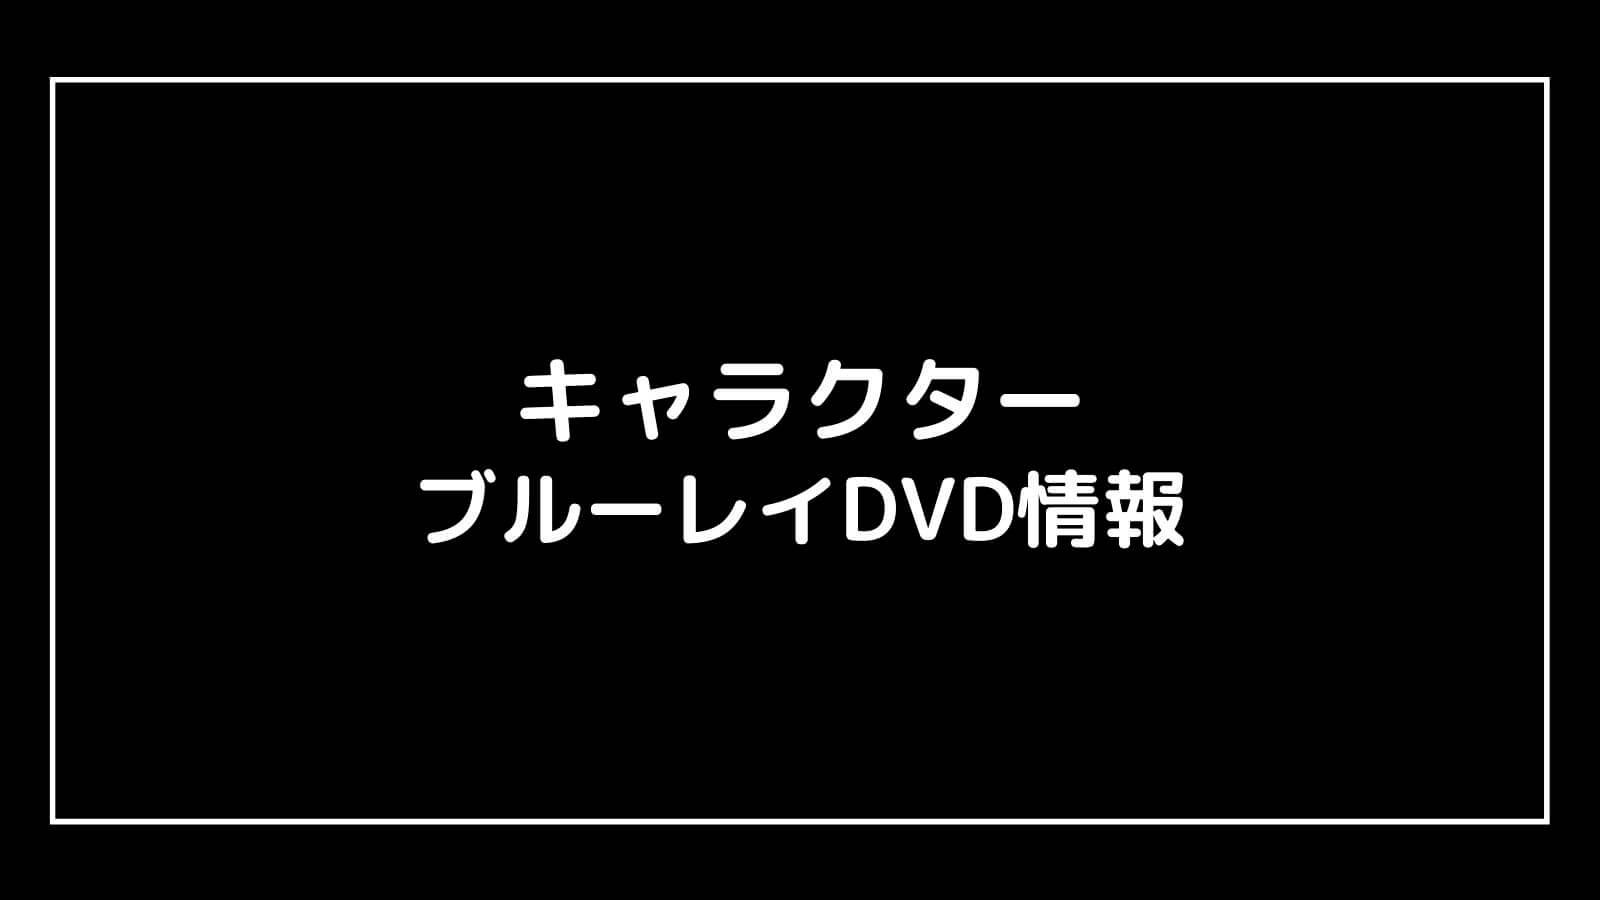 映画『キャラクター』のDVD発売日と予約開始日はいつから?円盤情報まとめ